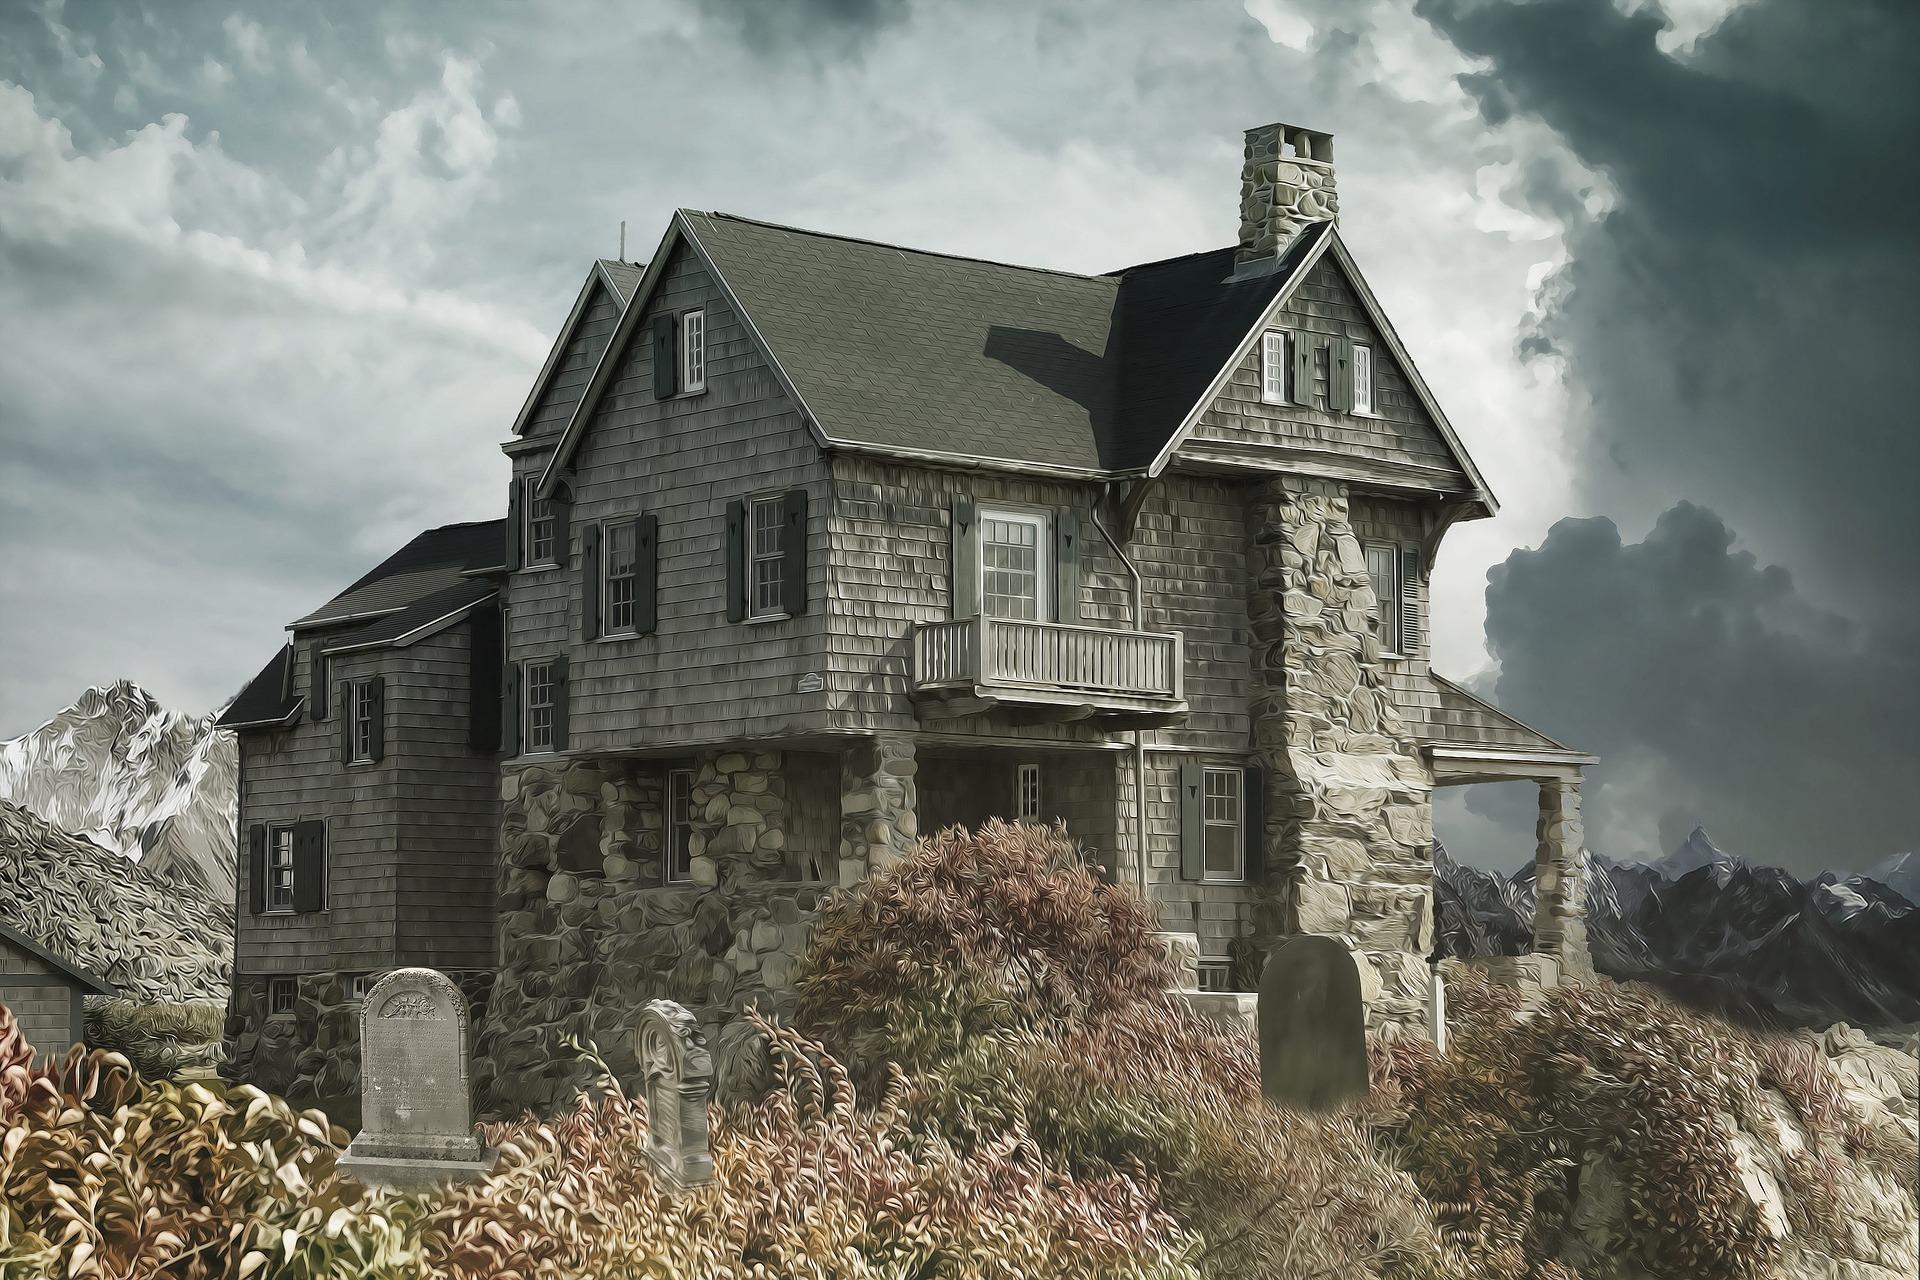 ビレッジハウスは汚い!? | ビレッジハウスと空き家住まい・敷金礼金なしのお引越し徹底比較